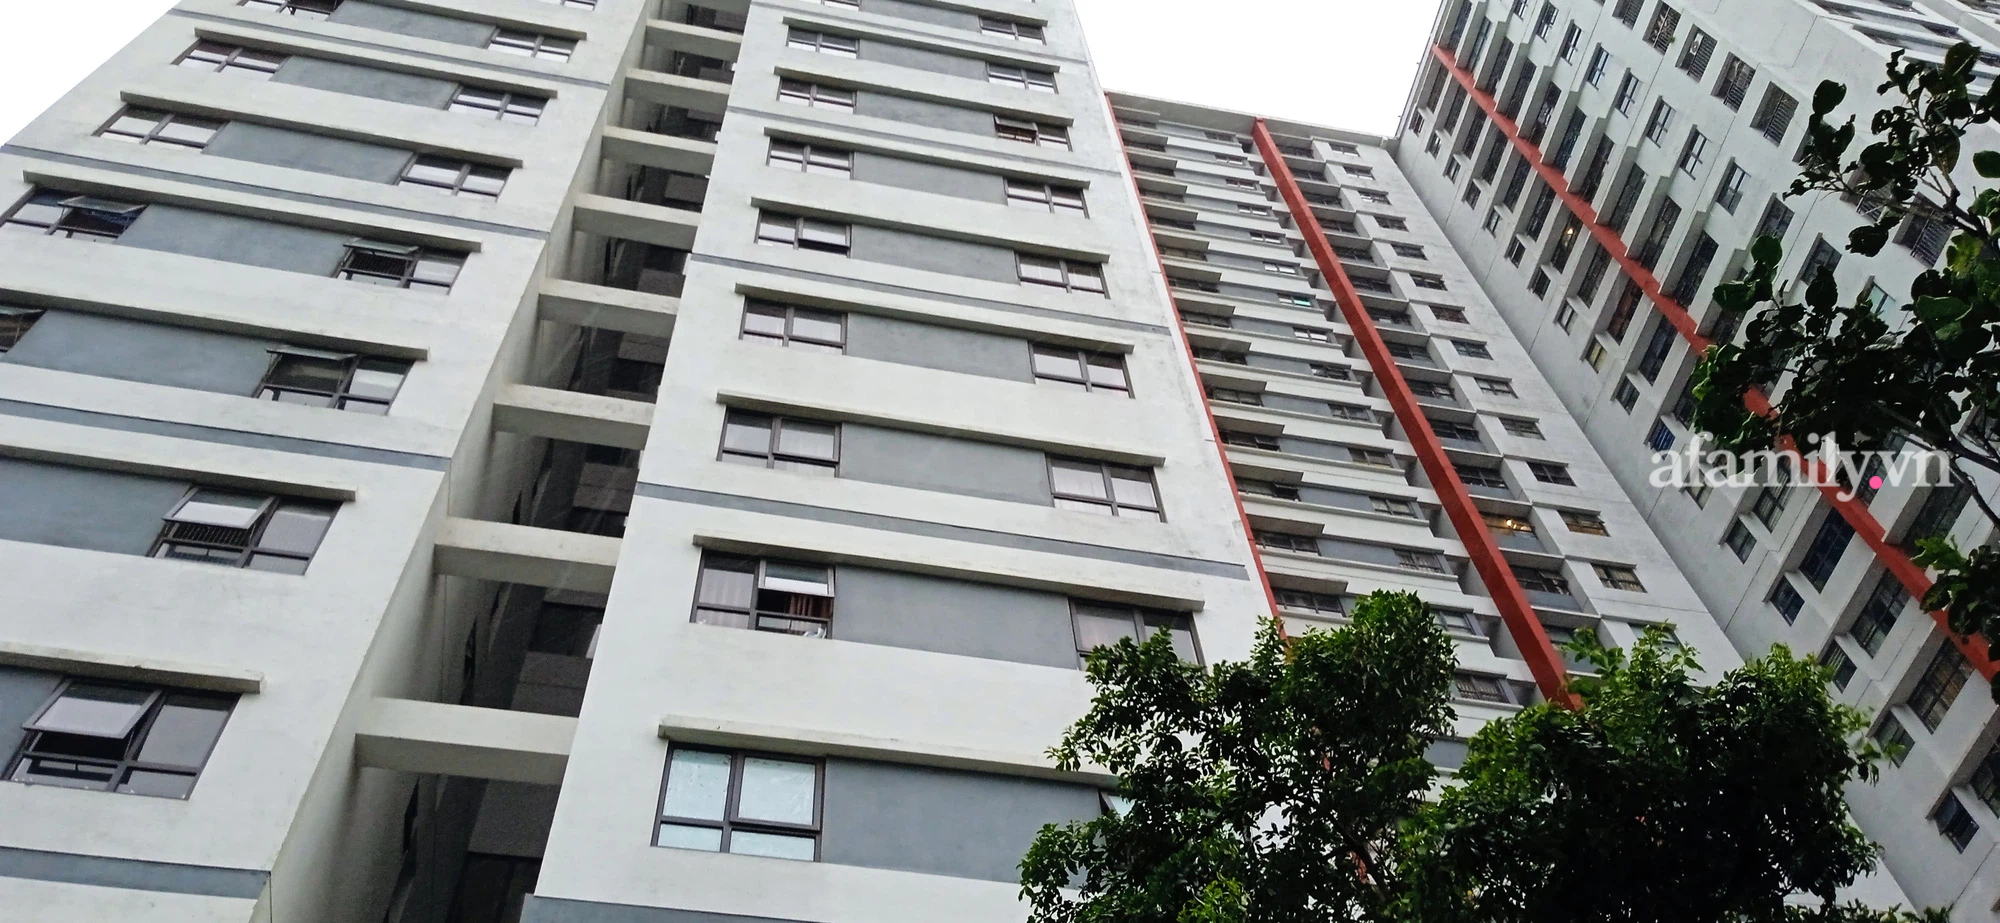 Nhiều căn hộ vẫn chưa được trang bị lưới an toàn